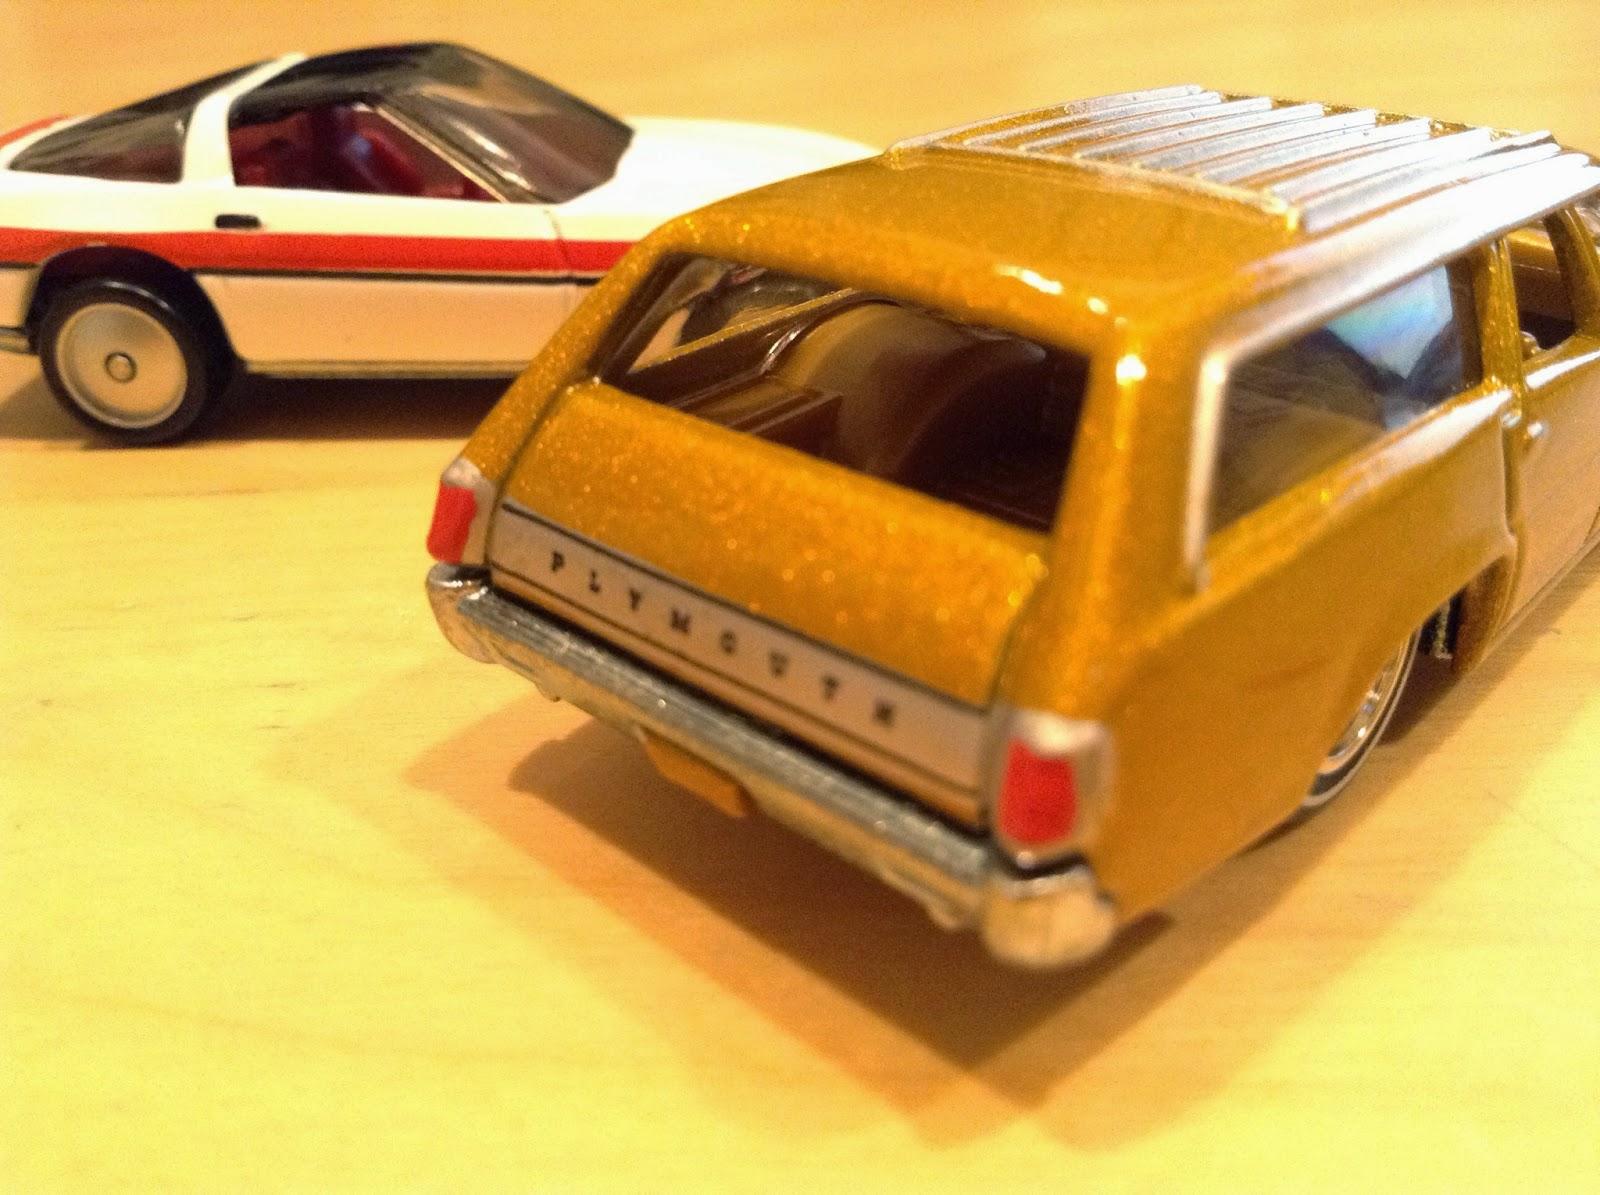 Julian's Hot Wheels Blog: '71 Plymouth Satellite & '80s Corvette